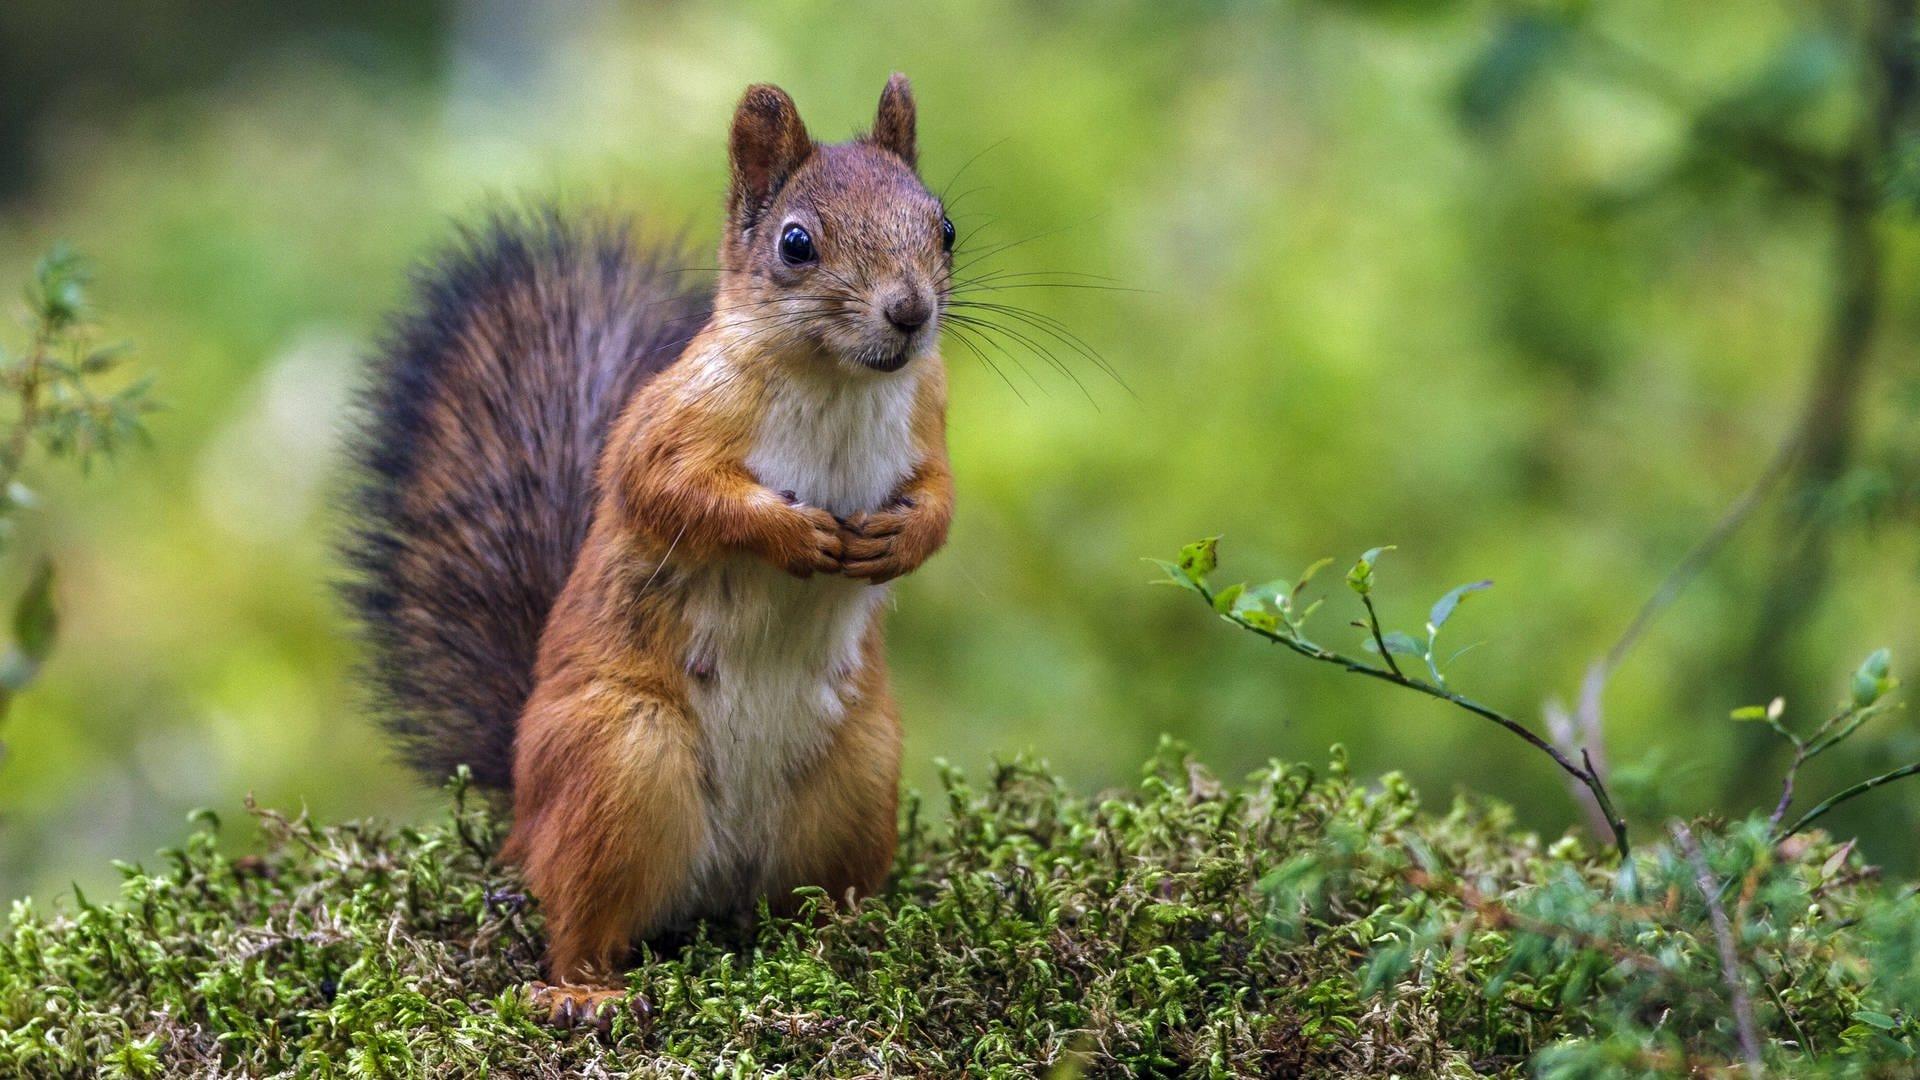 bilder von eichhörnchen  vorlagen zum ausmalen gratis